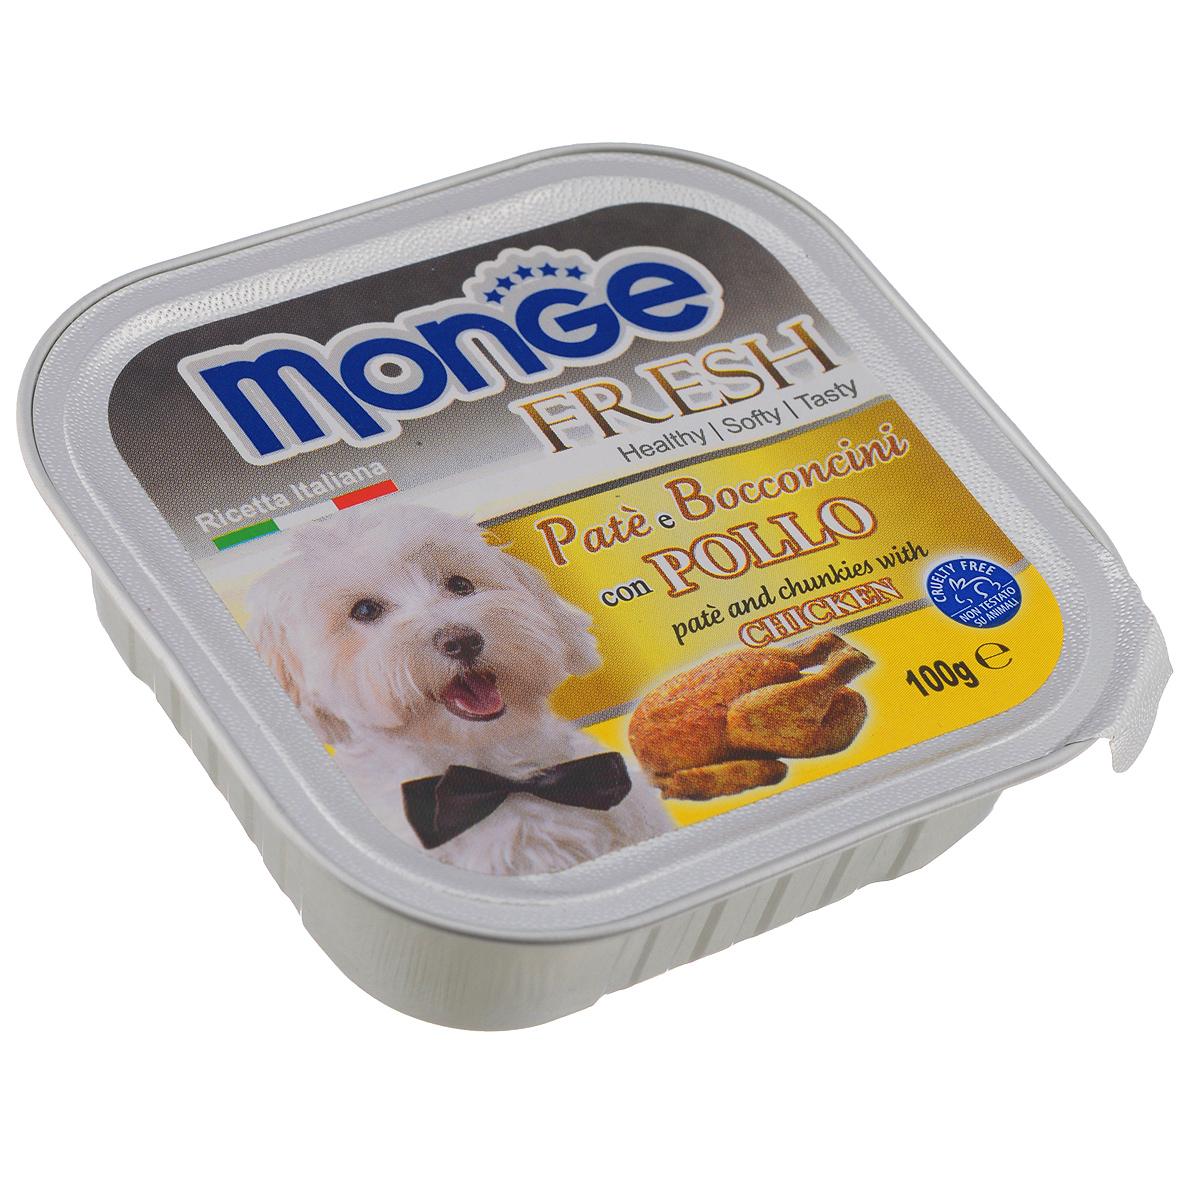 Консервы для собак Monge Fresh, с курицей, 100 г0120710Консервы для собак Monge Fresh - это полнорационный корм для собак. Паштет с мясом курицы. Состав: свежее мясо 80% (содержание курицы мин. 10%), минеральные вещества, витамины. Технологические добавки: загустители и желирующие вещества. Анализ компонентов: белок 9%, жир 7%, сырая клетчатка 0,5%, сырая зола 1,2%, влажность 82%. Витамины и добавки на 1 кг: витамин А 3000МЕ, витамин D3 400 МЕ, витамин Е 15 мг. Товар сертифицирован.